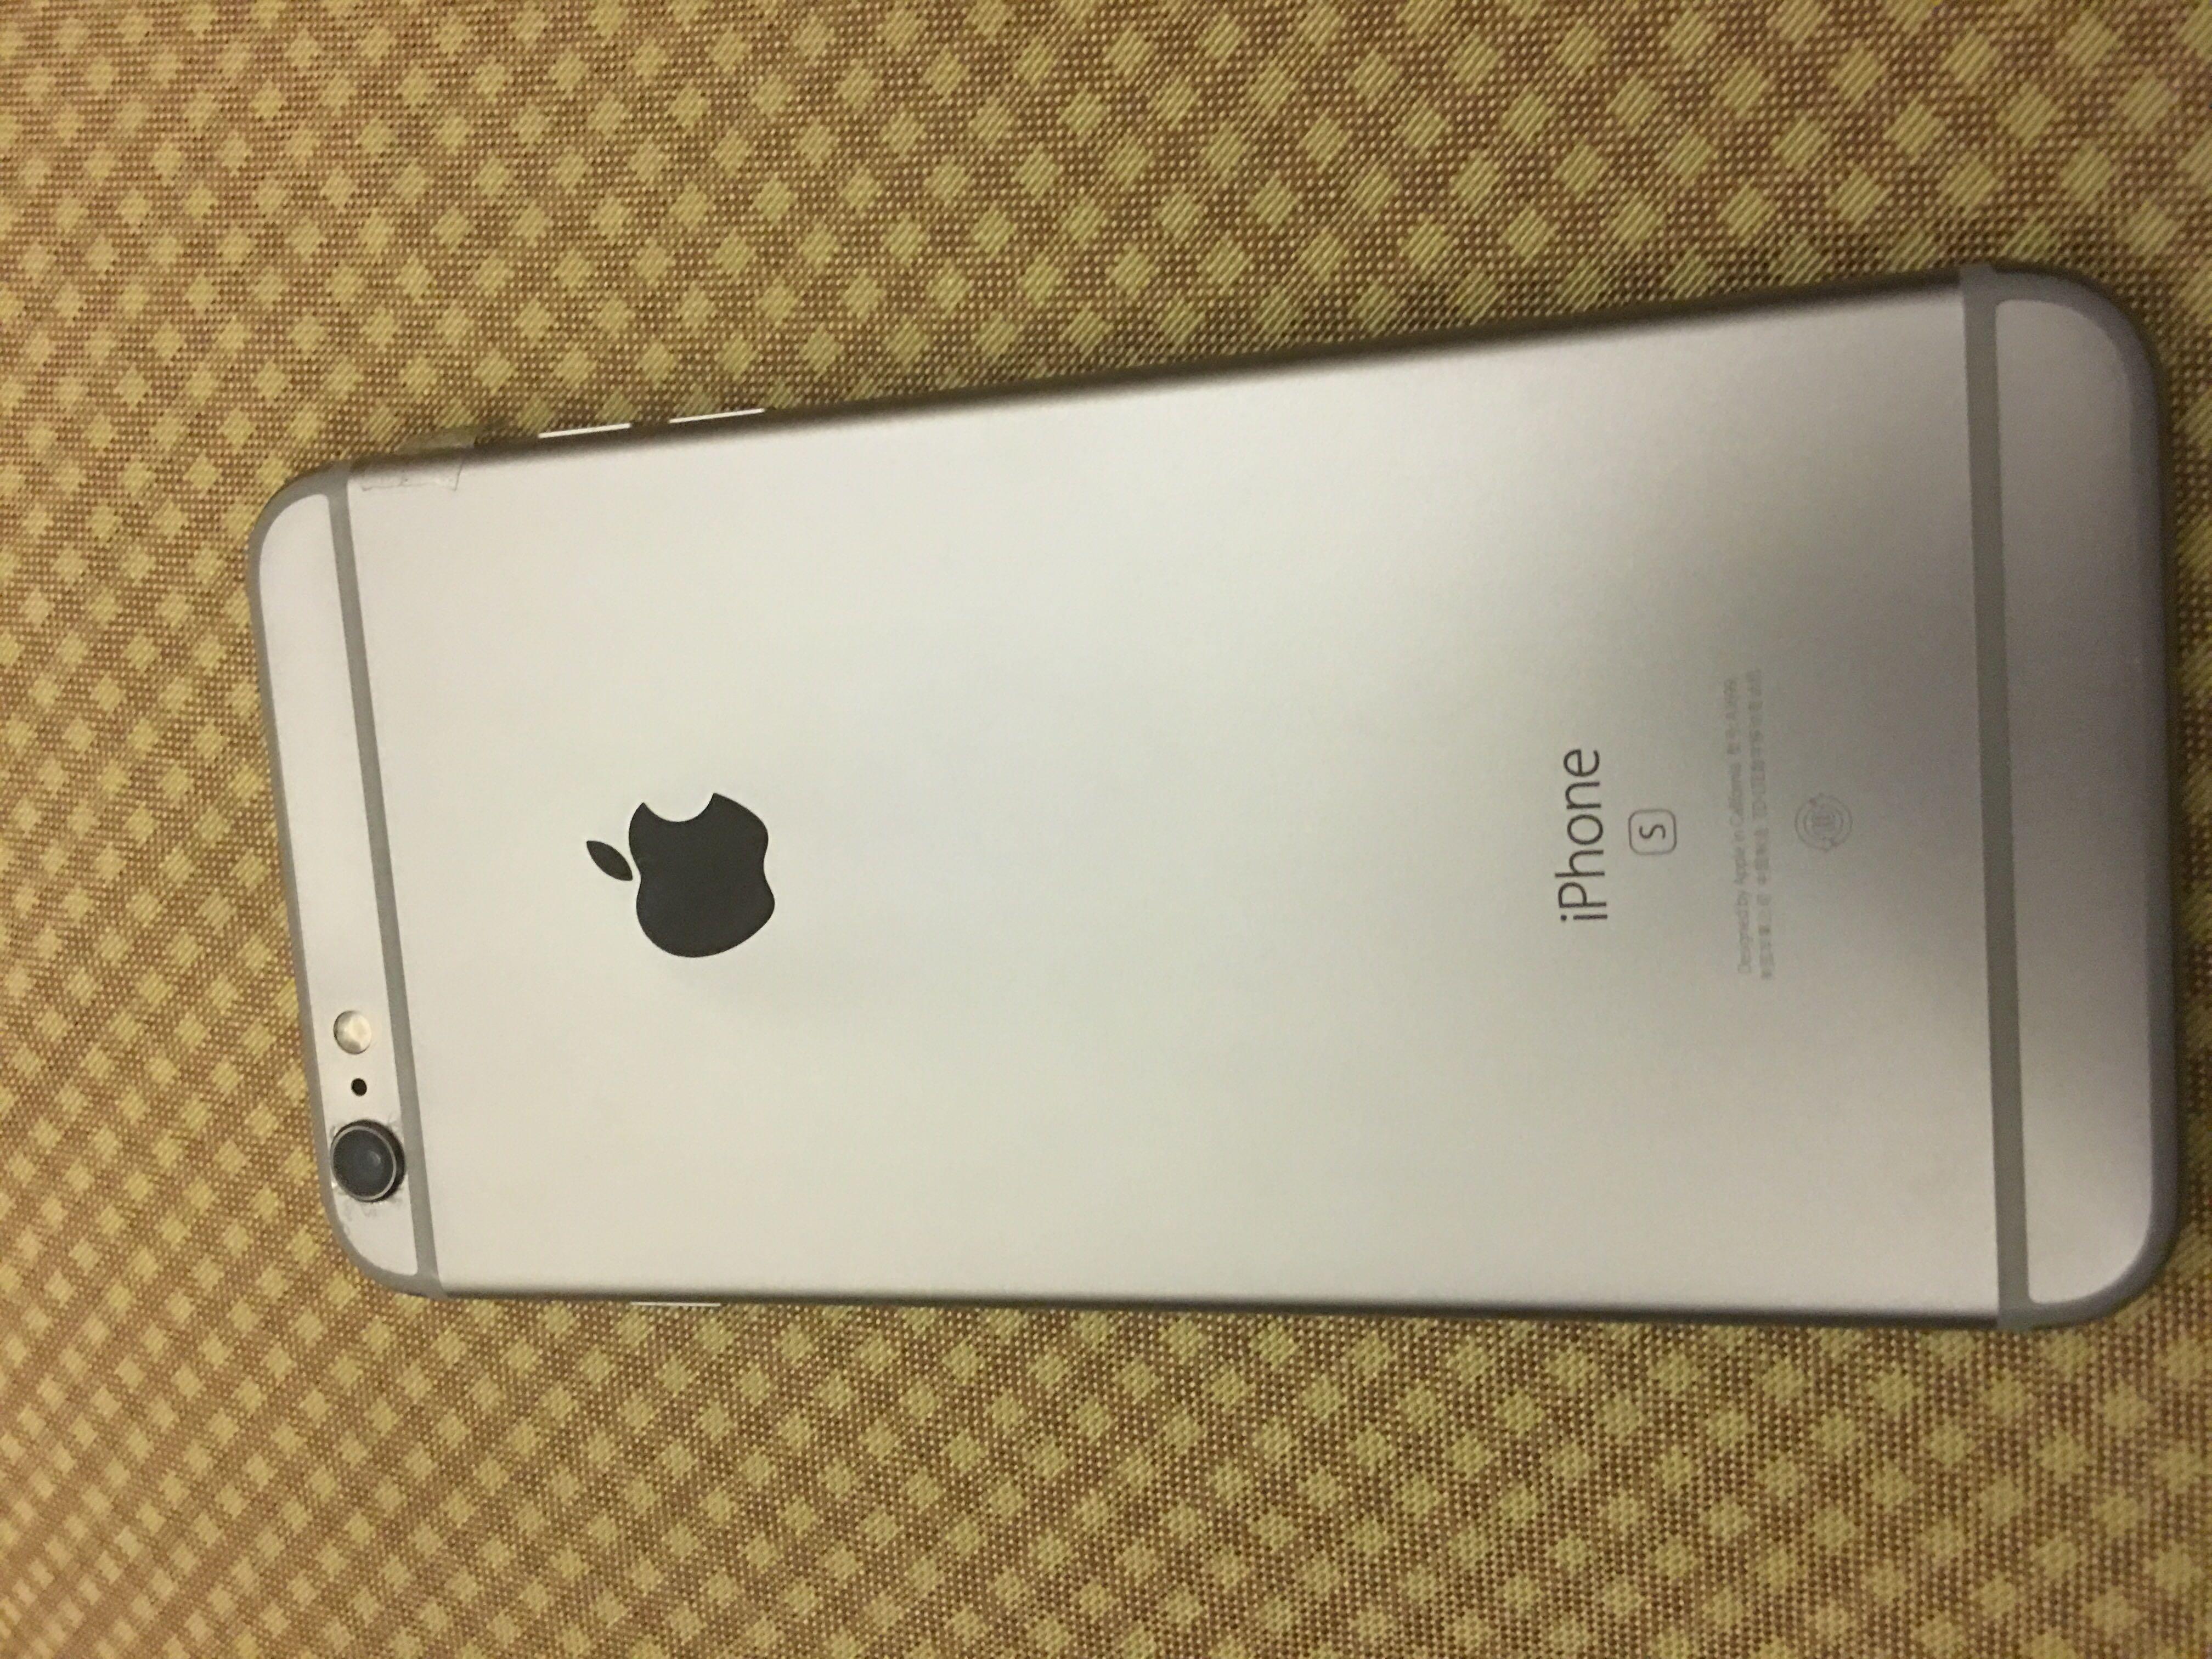 苹果6 苹果6plus苹果手机微信返回失效怎么办